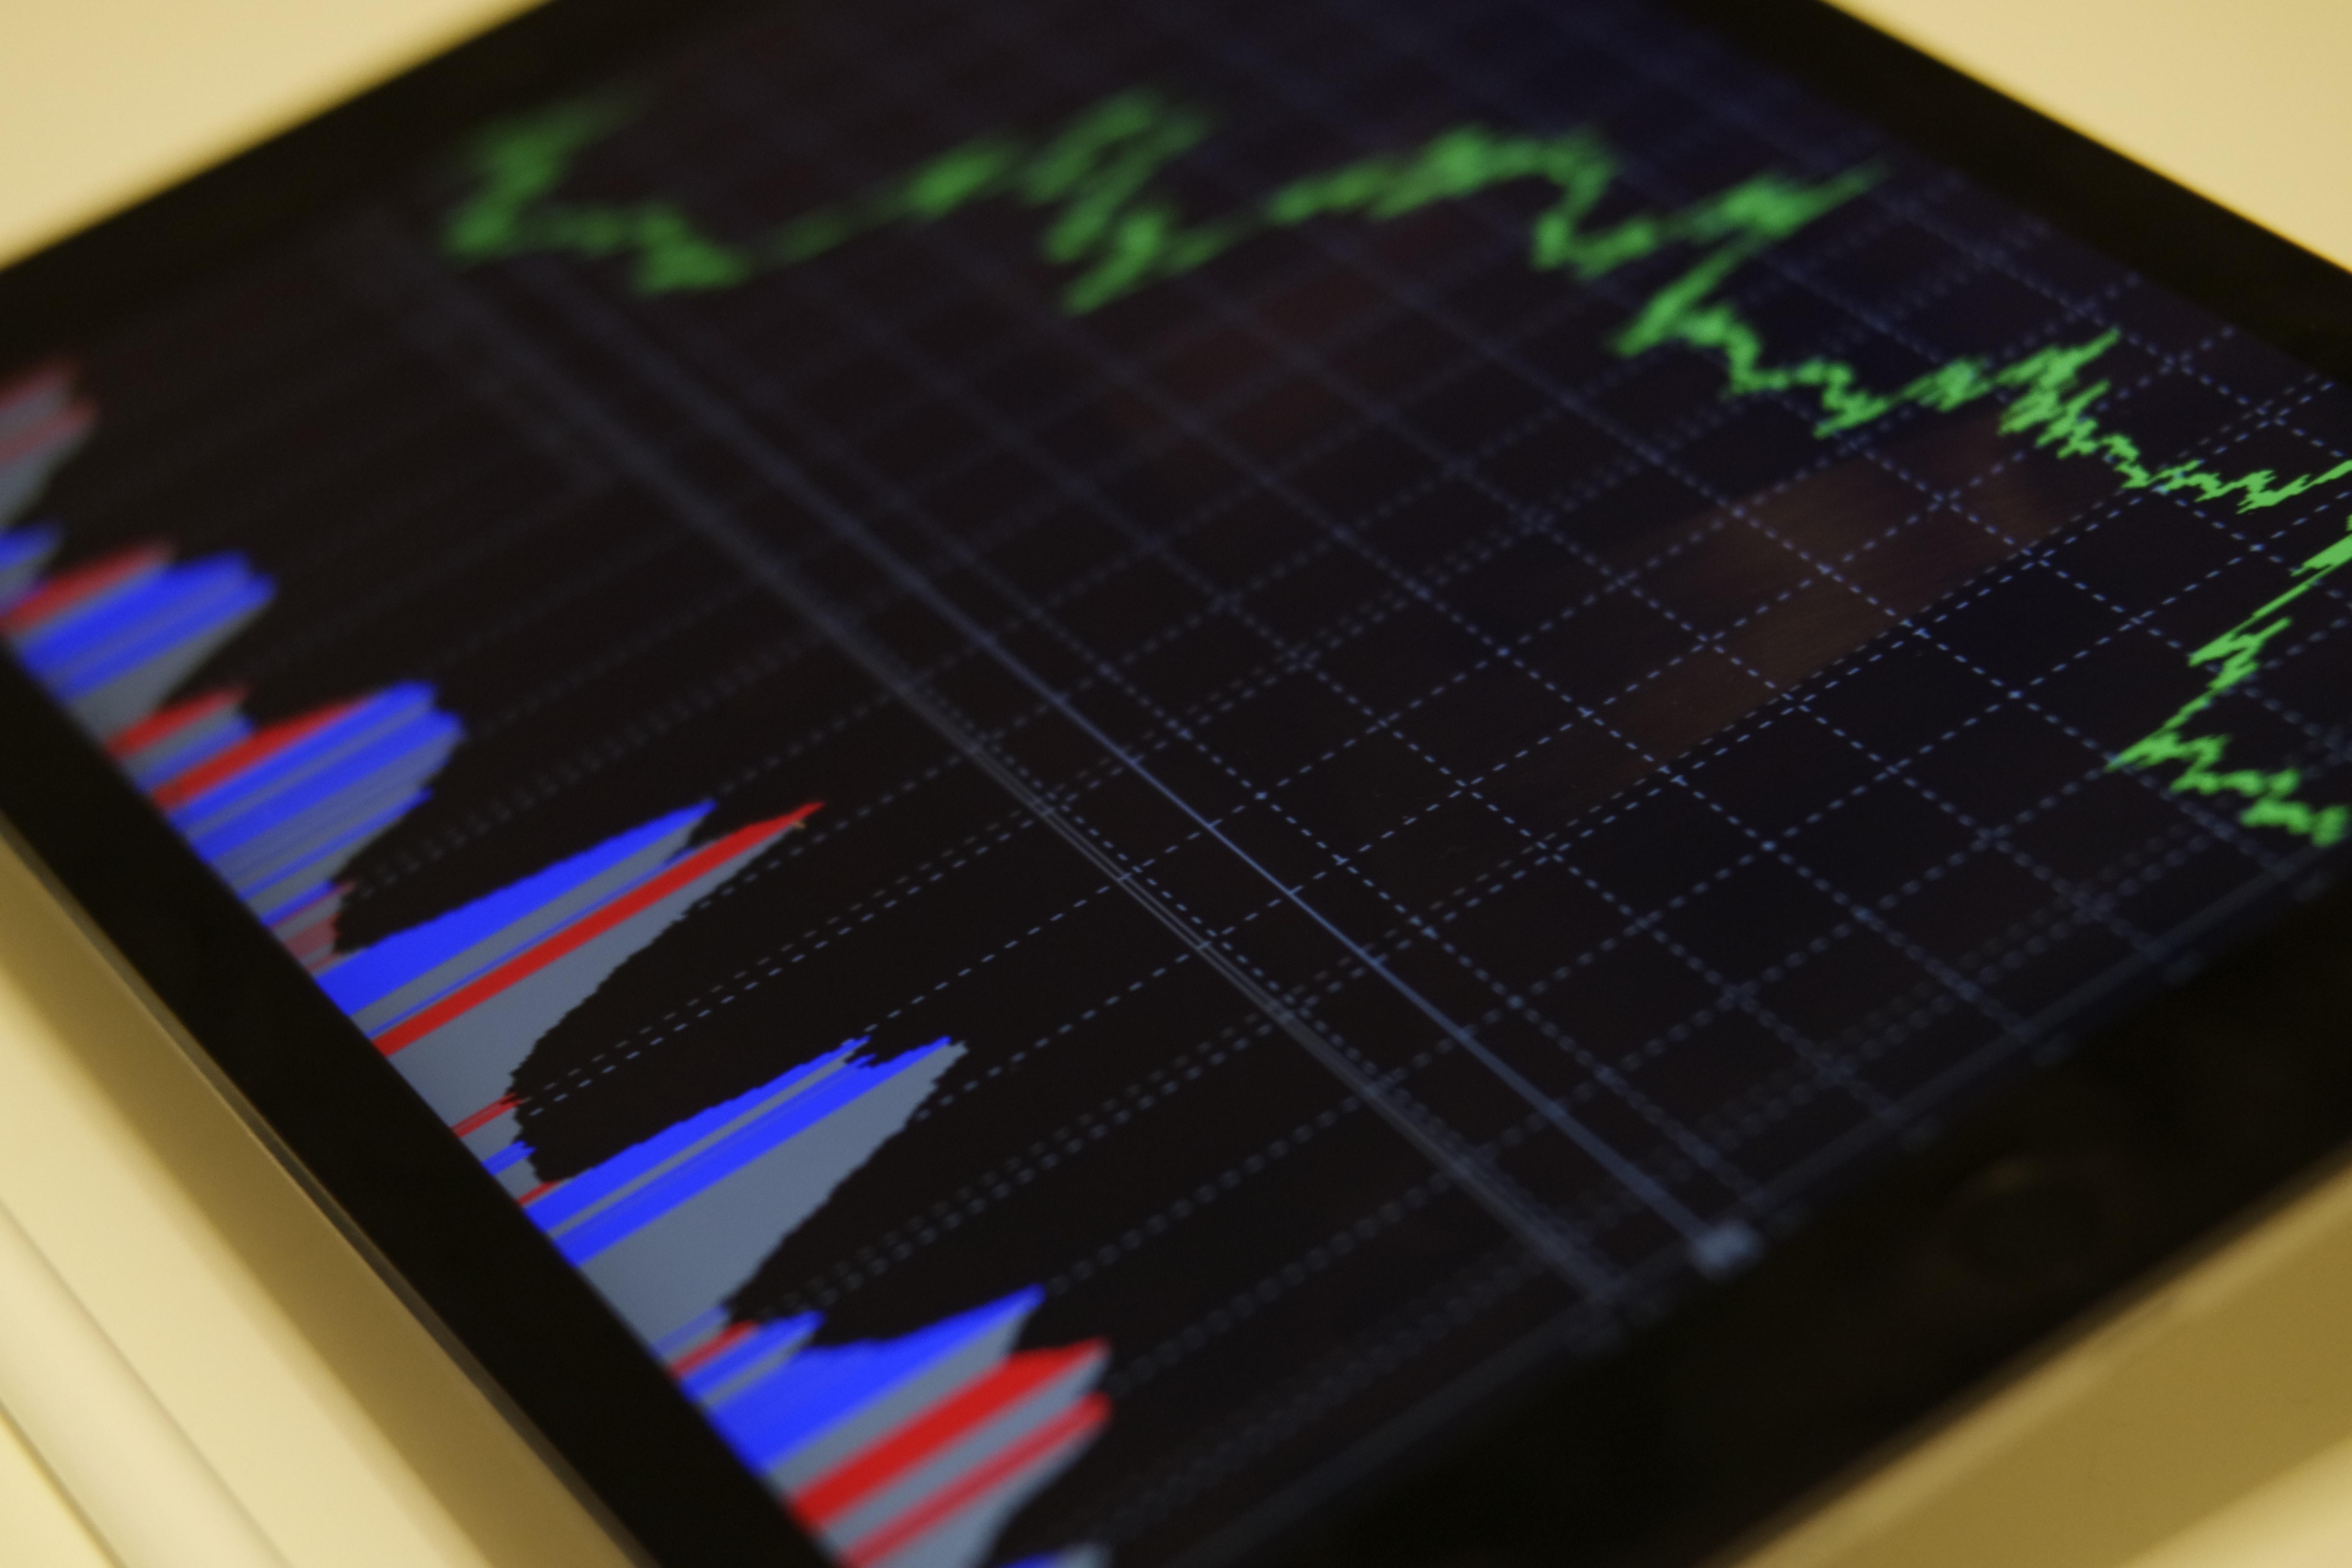 techfinancials bináris opciós platform hogyan lehet sok pénzt keresni a való életben